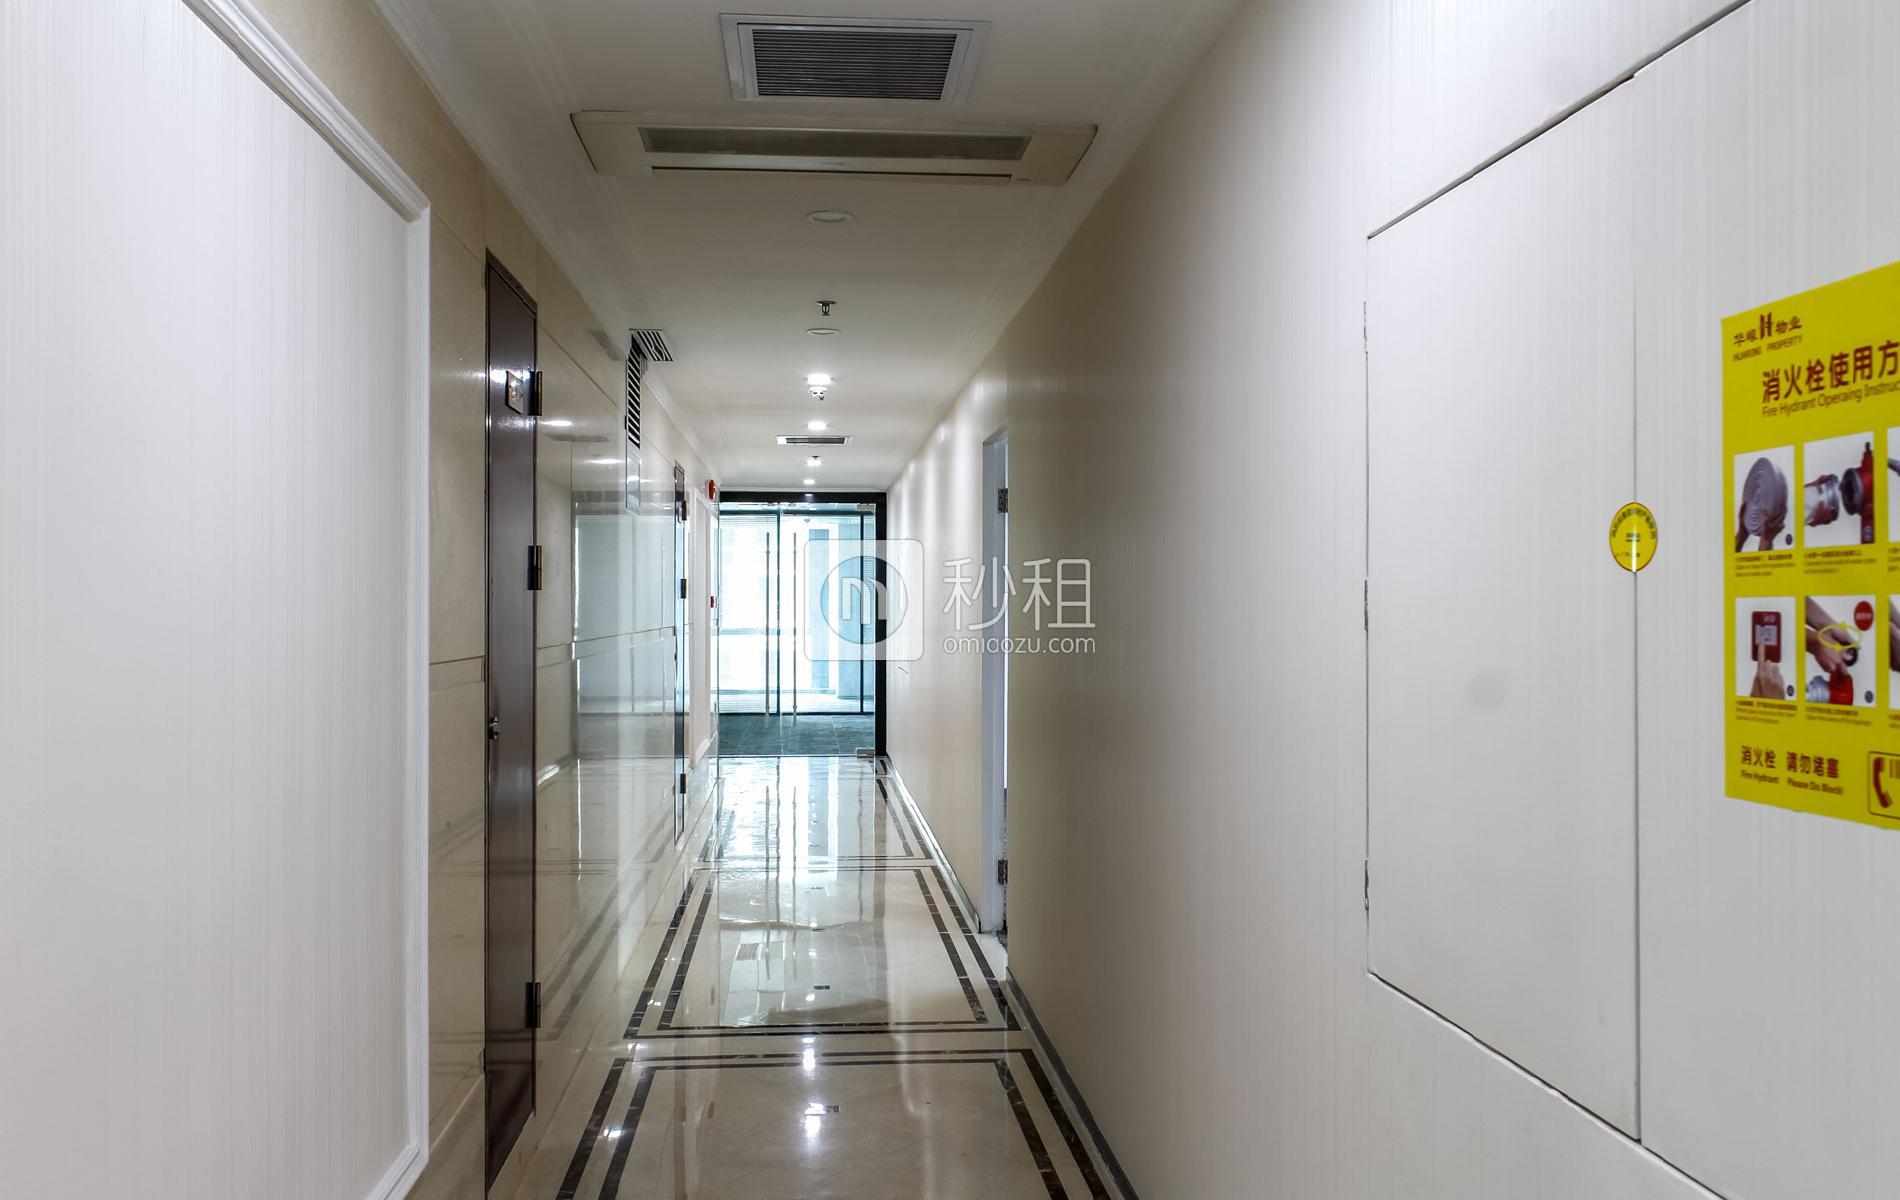 华嵘大厦写字楼出租/招租/租赁,华嵘大厦办公室出租/招租/租赁